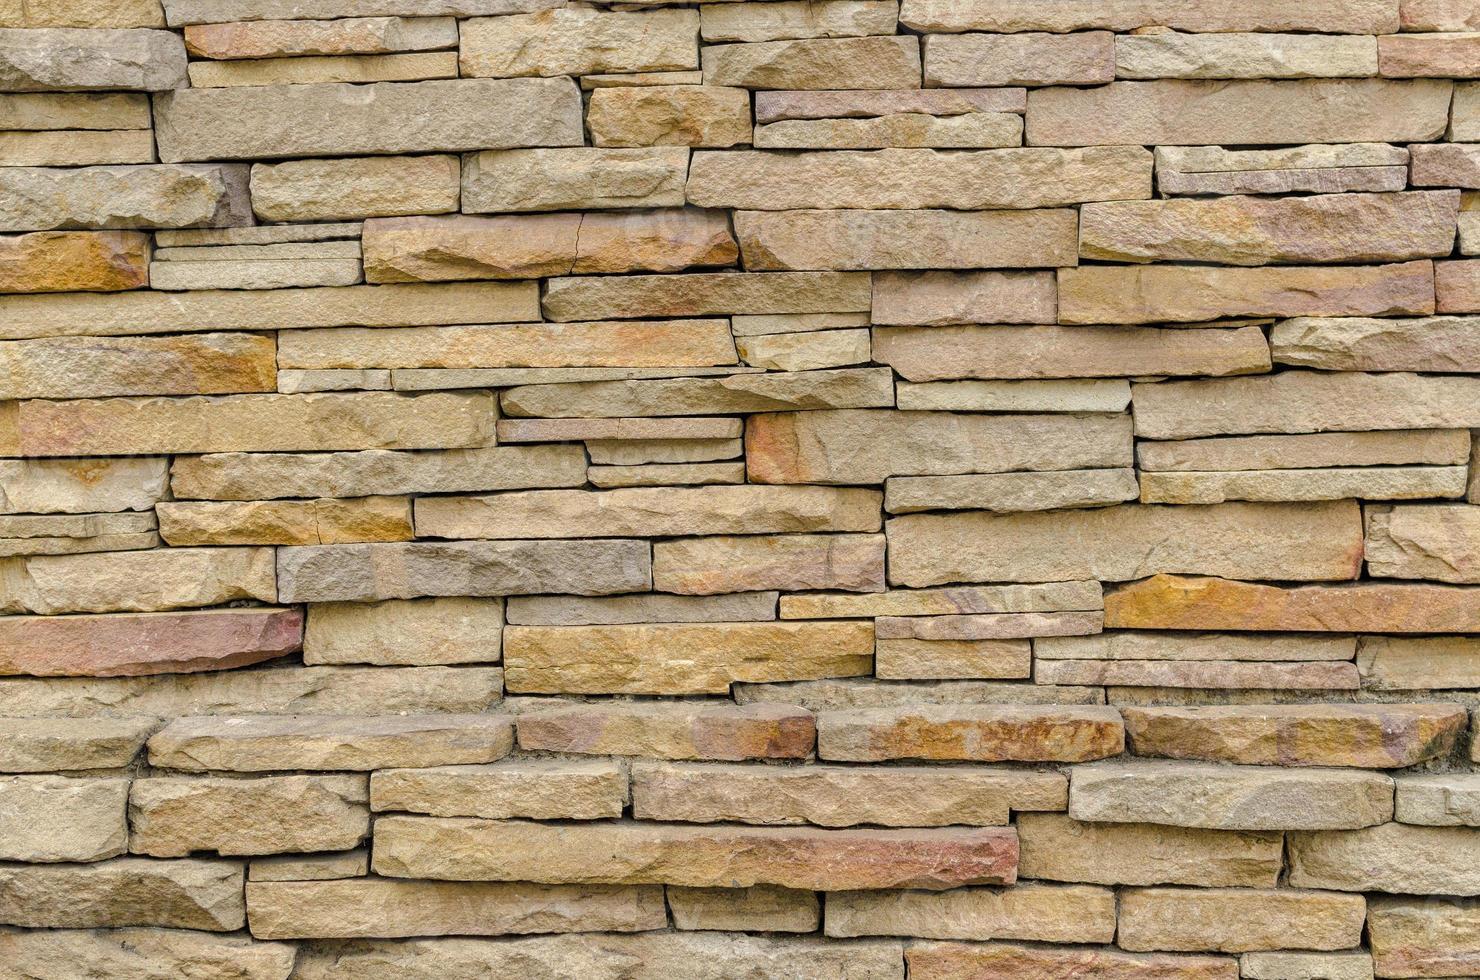 padrão de parede de tijolo moderno veio à tona foto